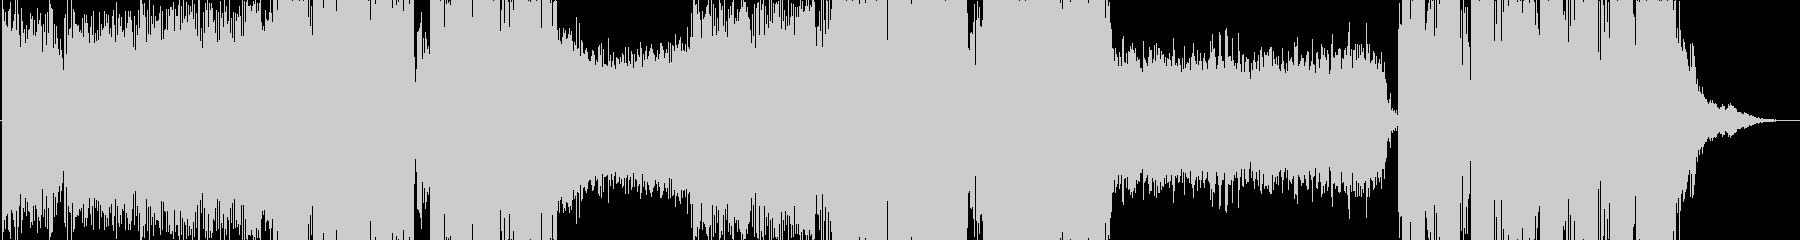 キラキラドリーム/ FutureBassの未再生の波形